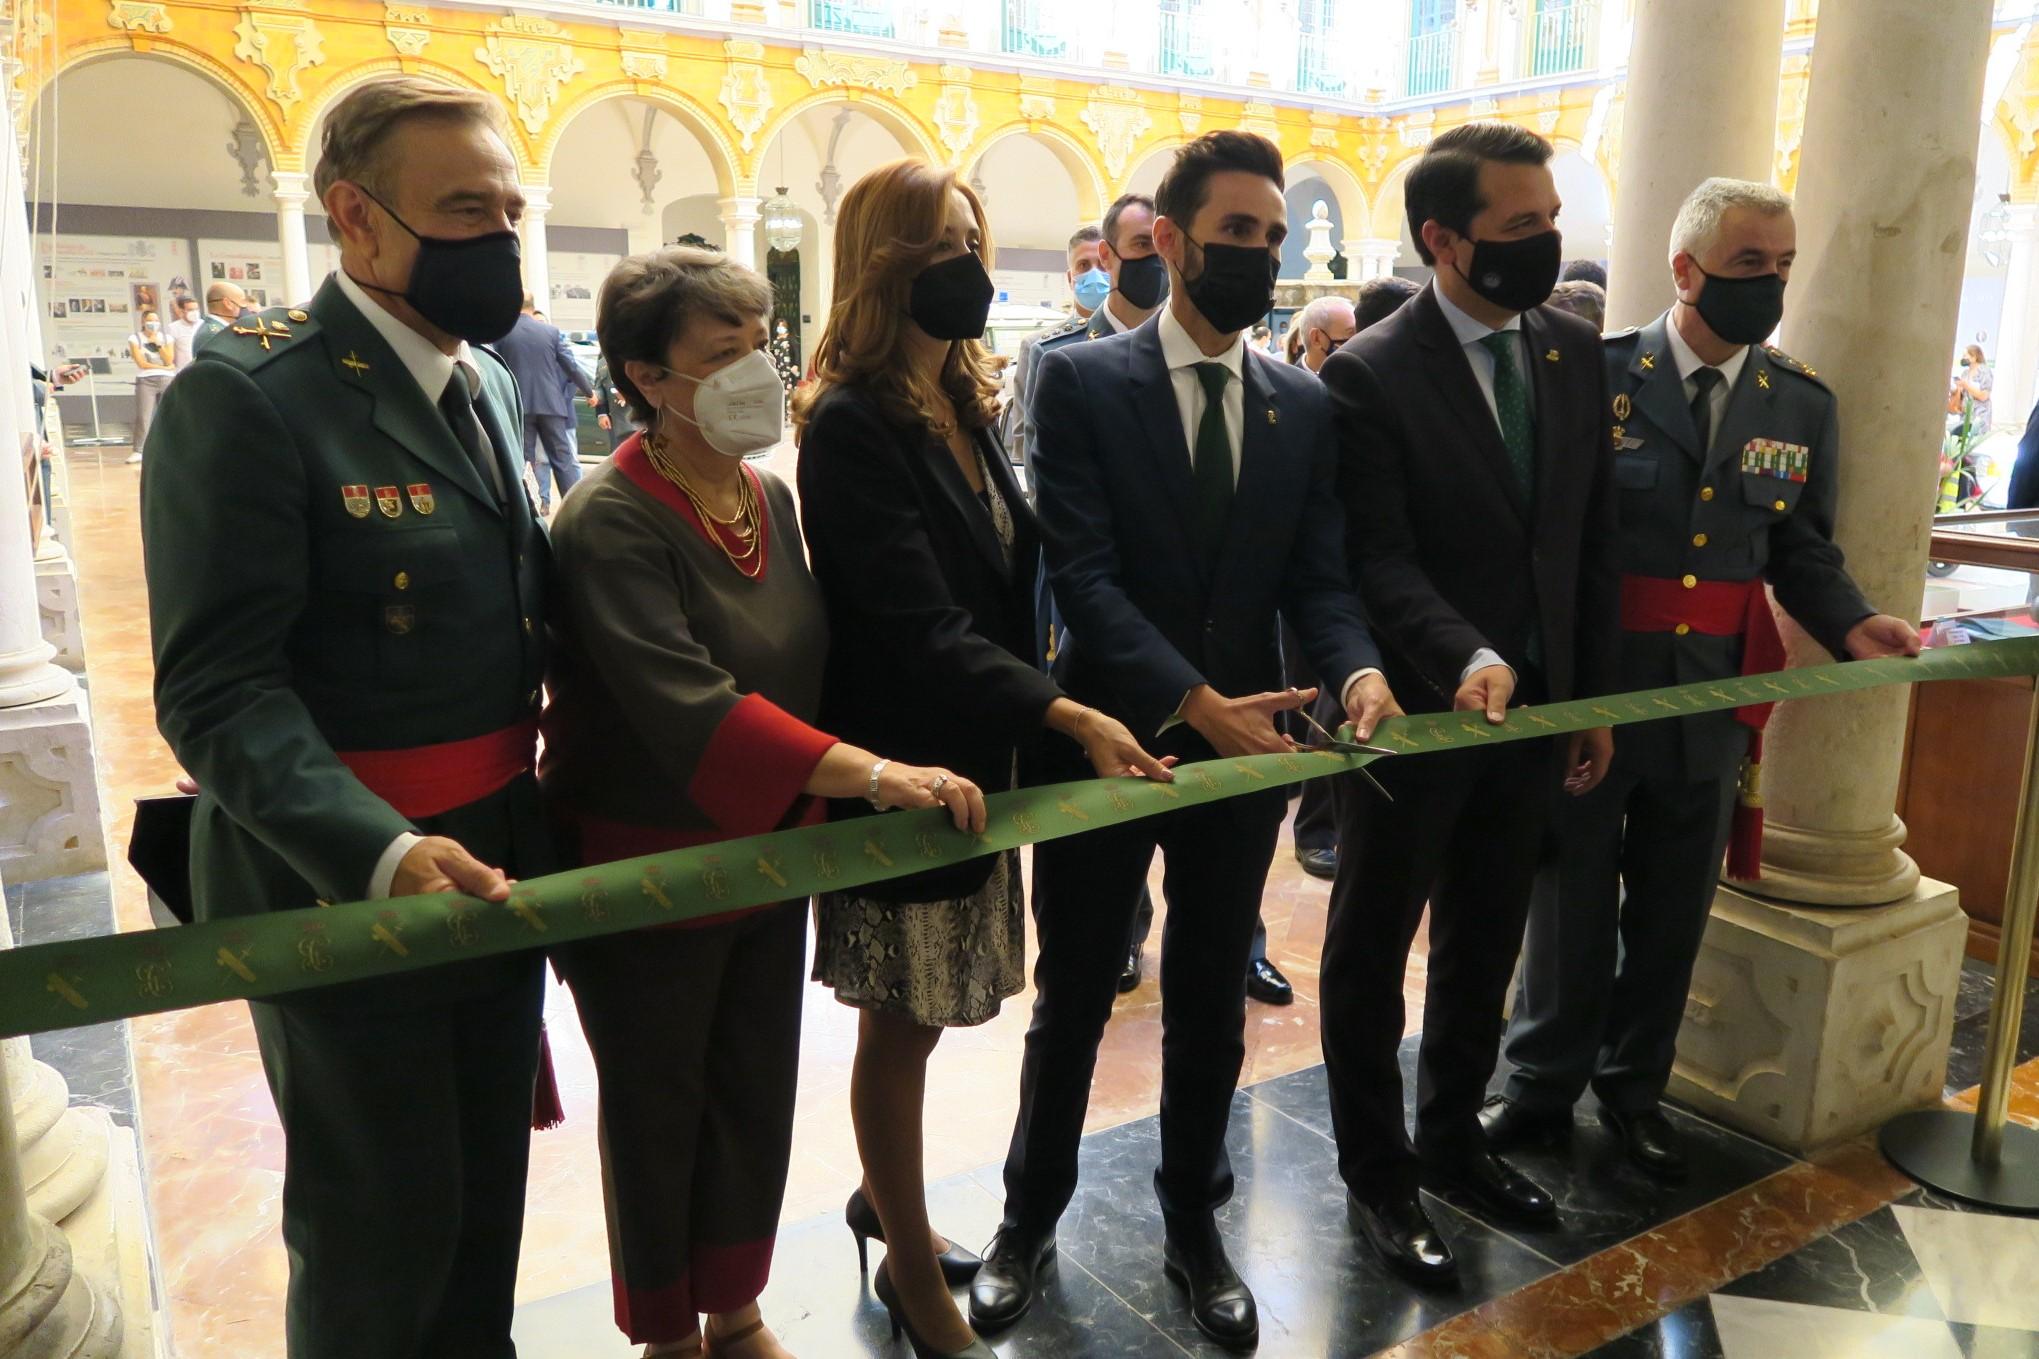 El secretario de Estado de Seguridad inaugura en Córdoba los actos conmemorativos por la festividad de la Patrona de la Guardia Civil